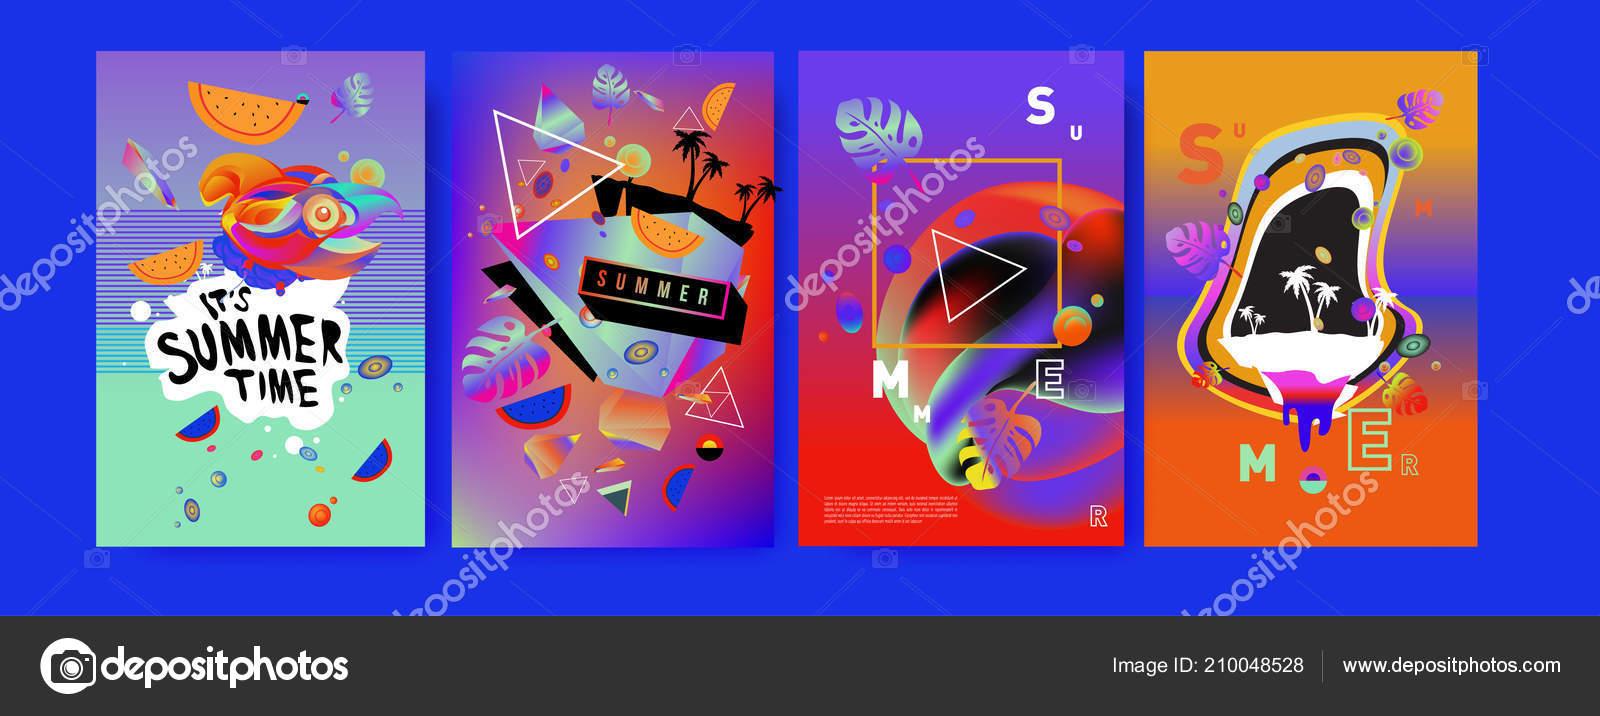 Poster Ete Colore Modele Conception Ete Tropical Couverture Elements Illustration Image Vectorielle Rebermant C 210048528